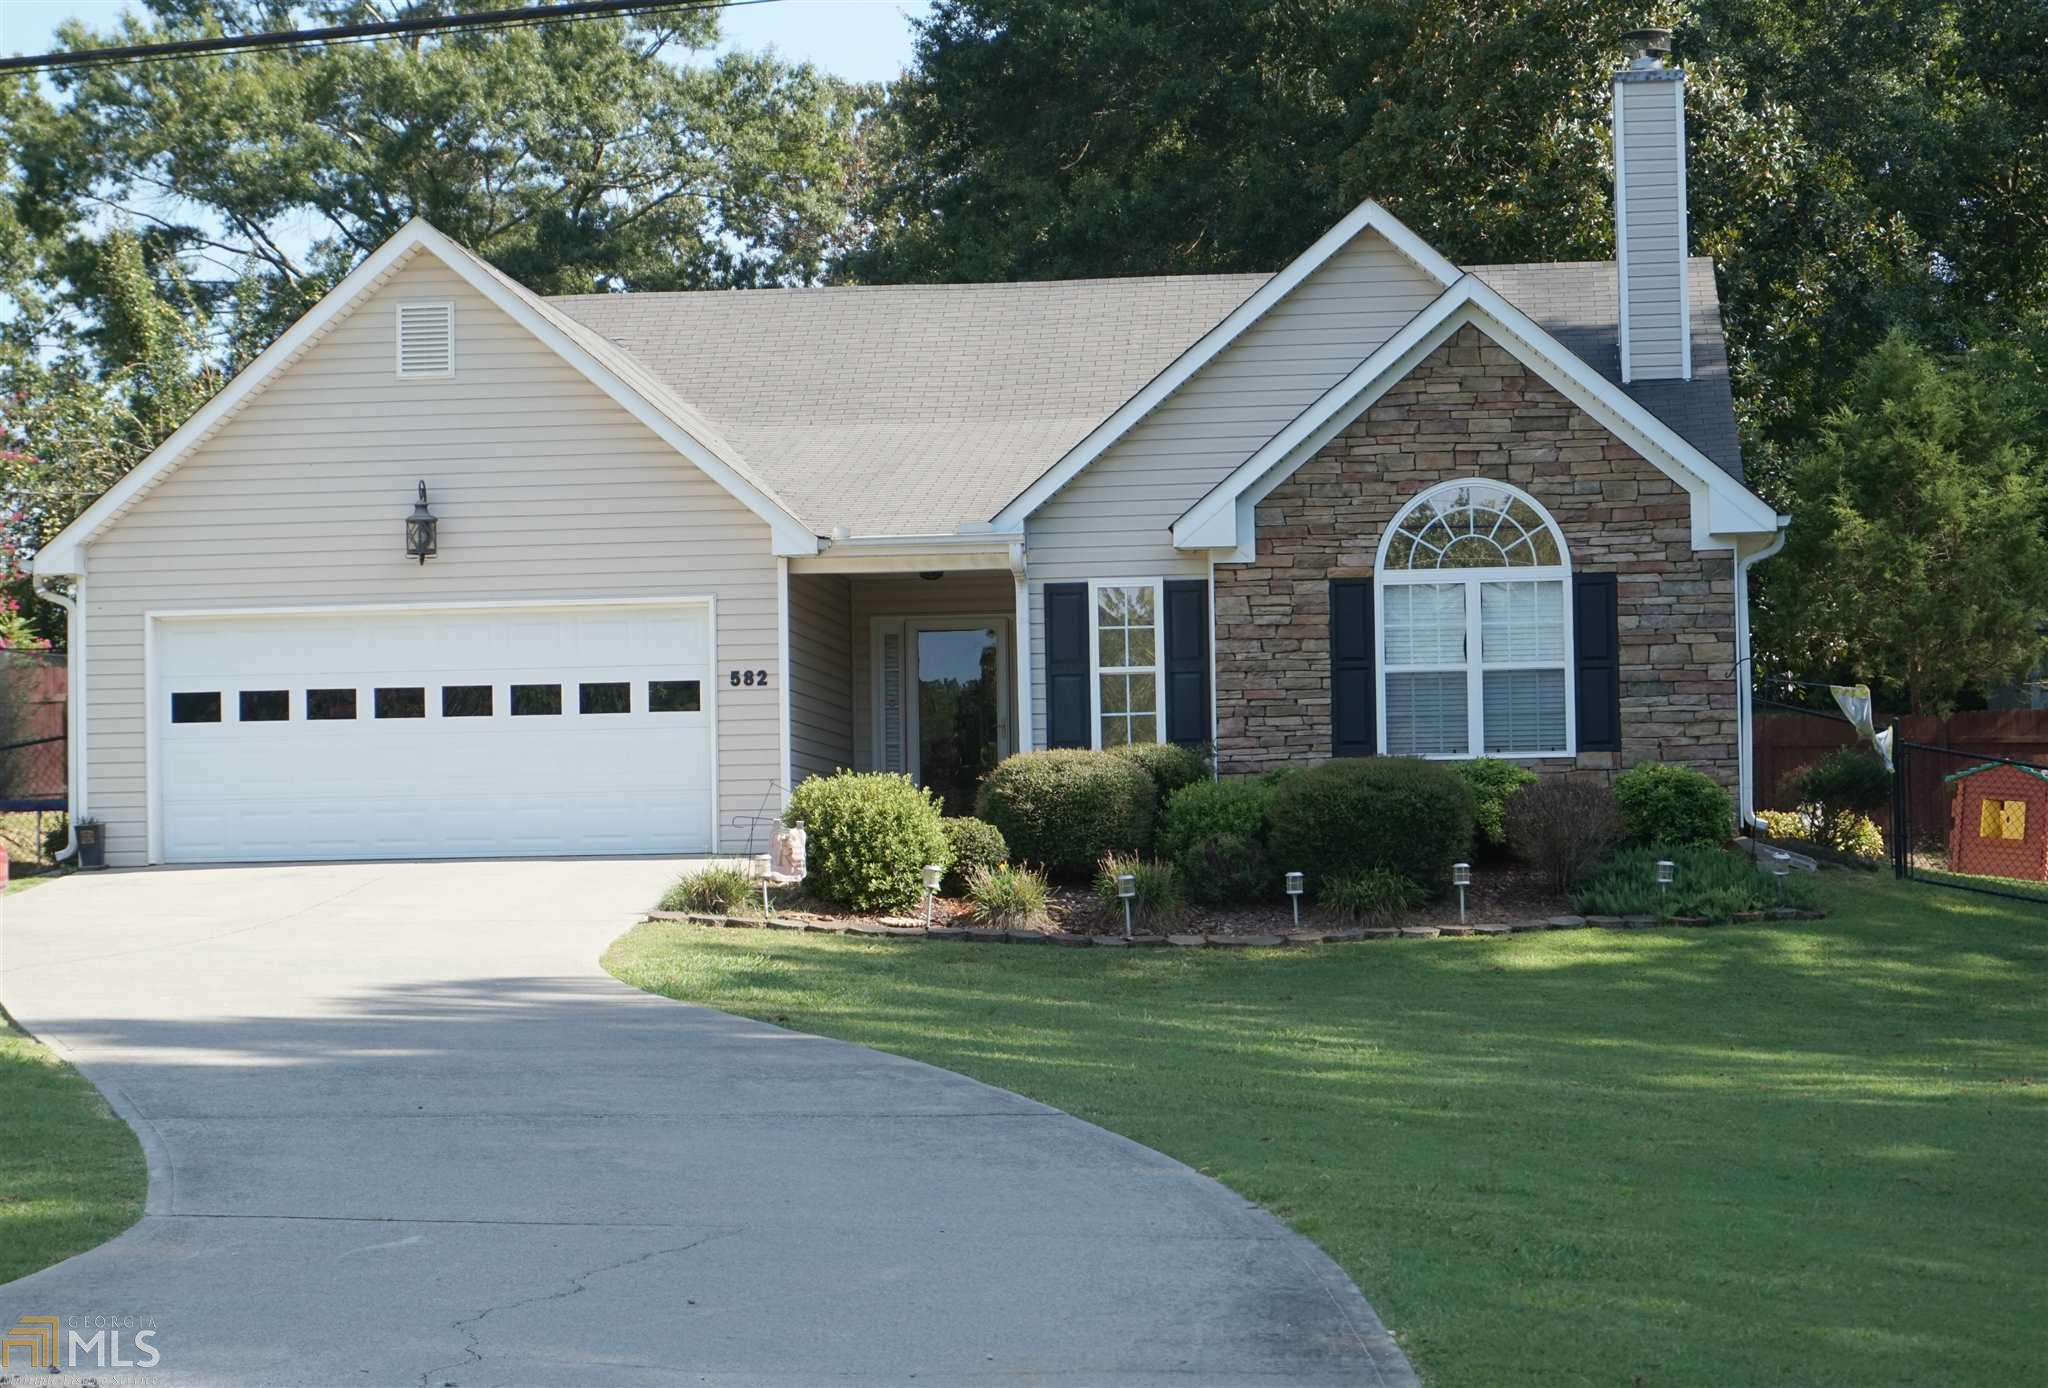 582 Sugar Valley Road, Cartersville, GA 30120